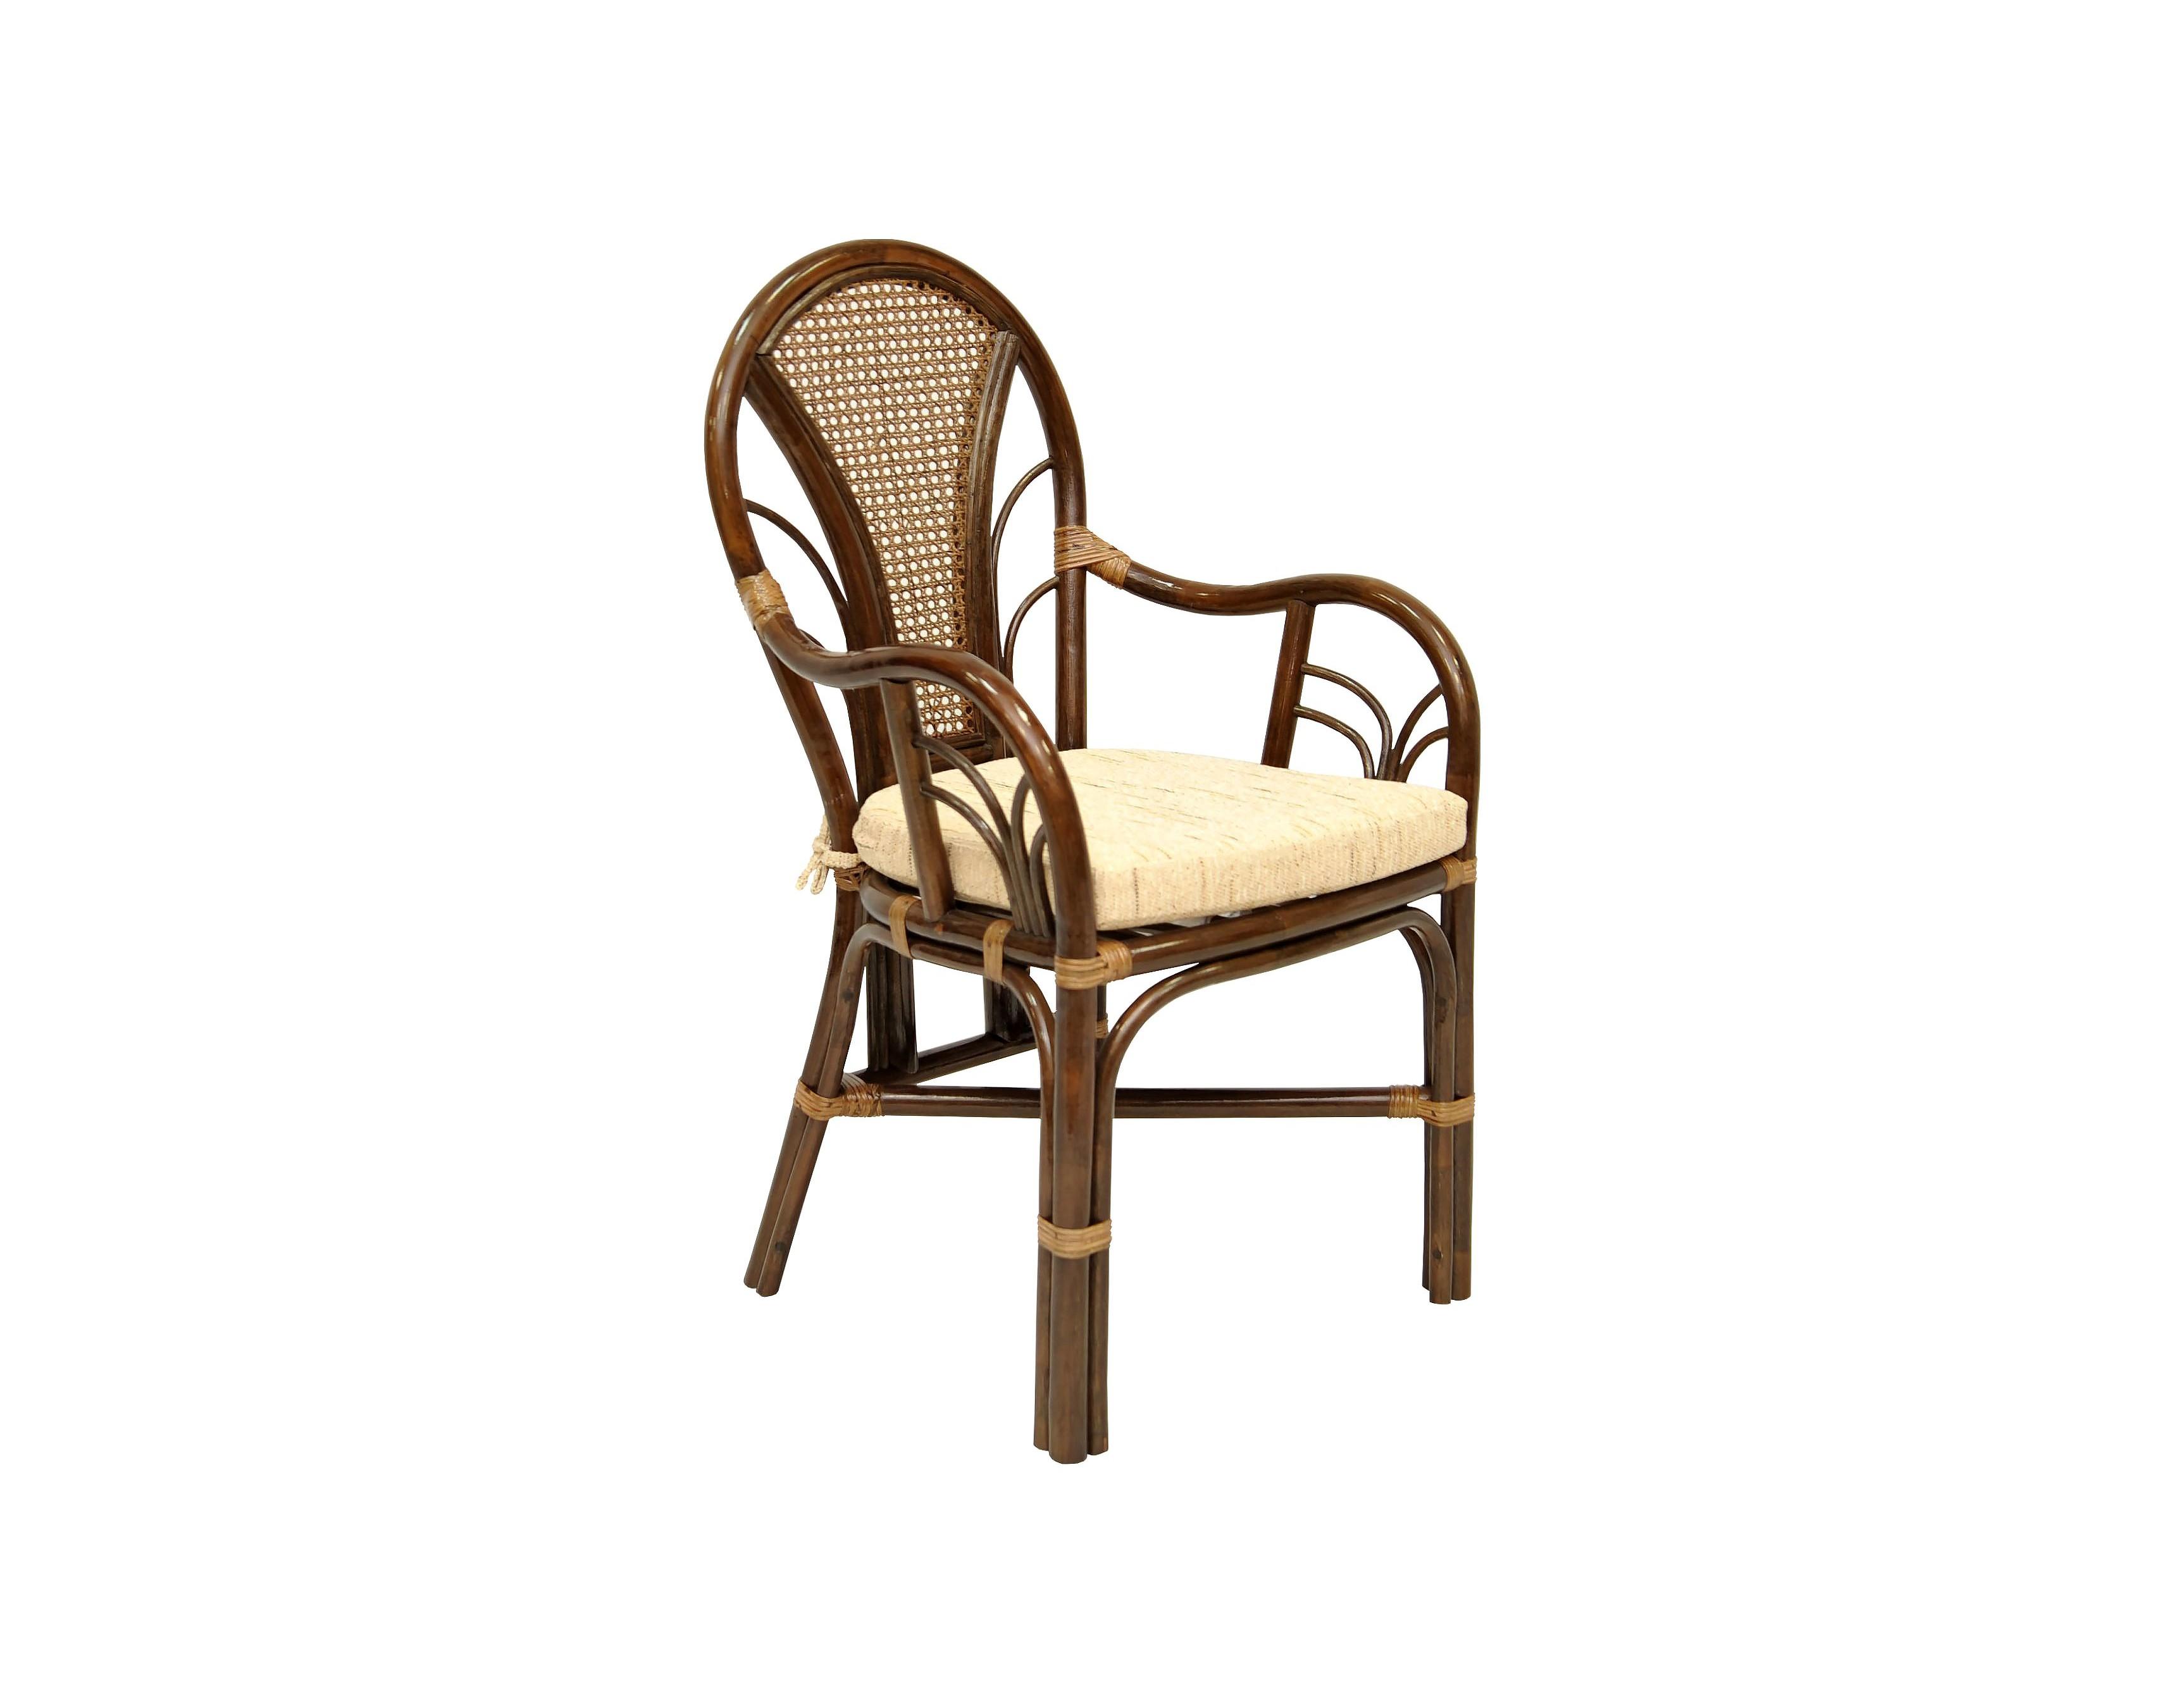 Стул LarisaКресла для сада<br>Удобное и очень красивое кресло с оригинальным дизайном.&amp;amp;nbsp;&amp;lt;div&amp;gt;&amp;lt;br&amp;gt;&amp;lt;/div&amp;gt;&amp;lt;div&amp;gt;Материал каркаса: натуральный ротанг&amp;lt;/div&amp;gt;&amp;lt;div&amp;gt;Цвет каркаса: коричневый&amp;amp;nbsp;&amp;lt;/div&amp;gt;&amp;lt;div&amp;gt;Подушка: рогожка (внутри поролон)&amp;lt;/div&amp;gt;&amp;lt;div&amp;gt;Размер кресла: 88х59х55 см&amp;lt;/div&amp;gt;&amp;lt;div&amp;gt;Выдерживаемая нагрузка, кг:  90&amp;lt;/div&amp;gt;<br><br>Material: Ротанг<br>Width см: 59<br>Depth см: 55<br>Height см: 88